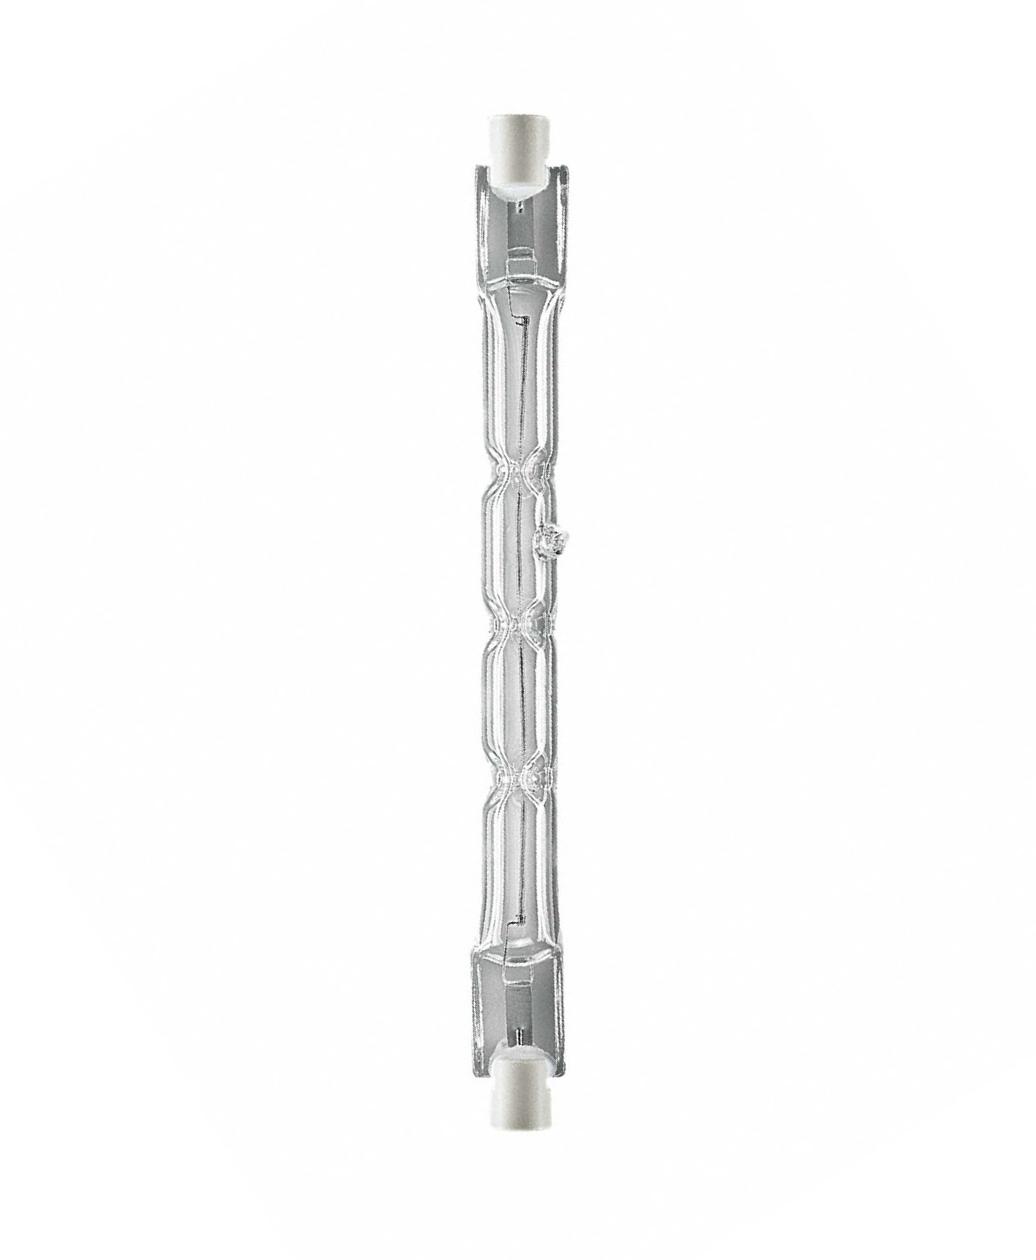 QT-DE 11/12 ECO 160W 230V R7s L114,2mm Halogenstab